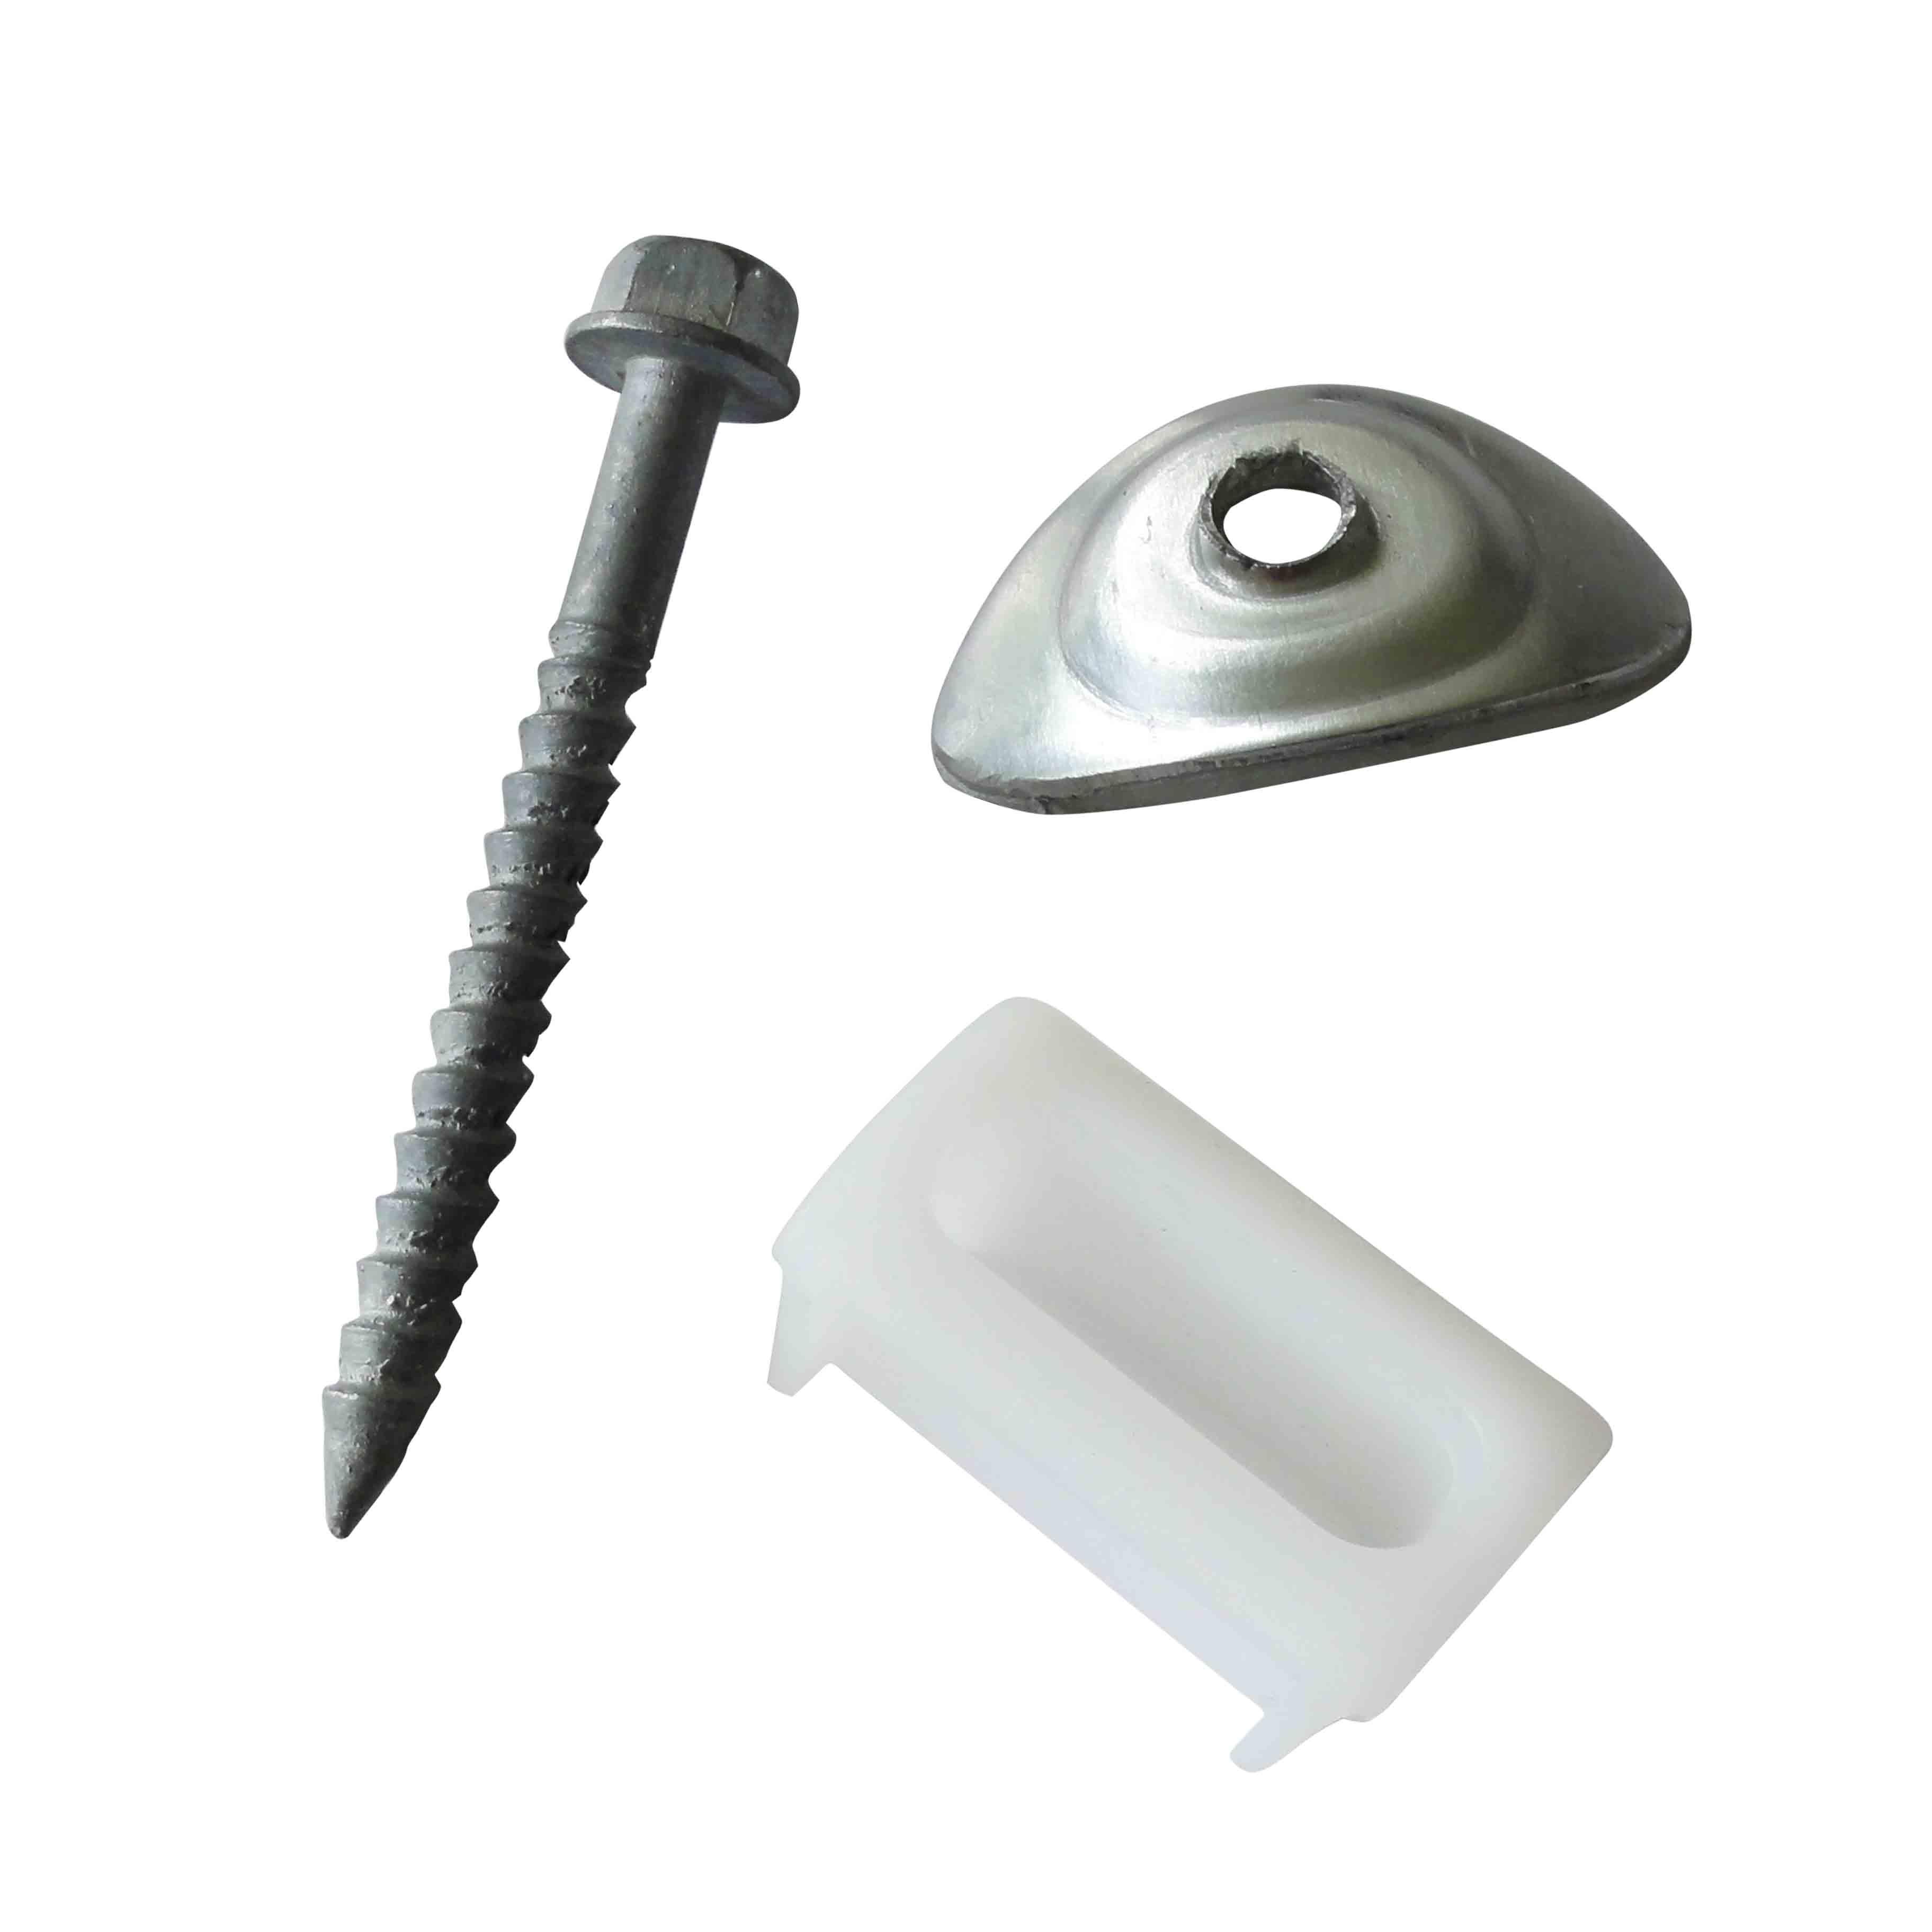 Onduline tirefonds pour plaques ondul es petites ondes for Fixation plaque polycarbonate alveolaire